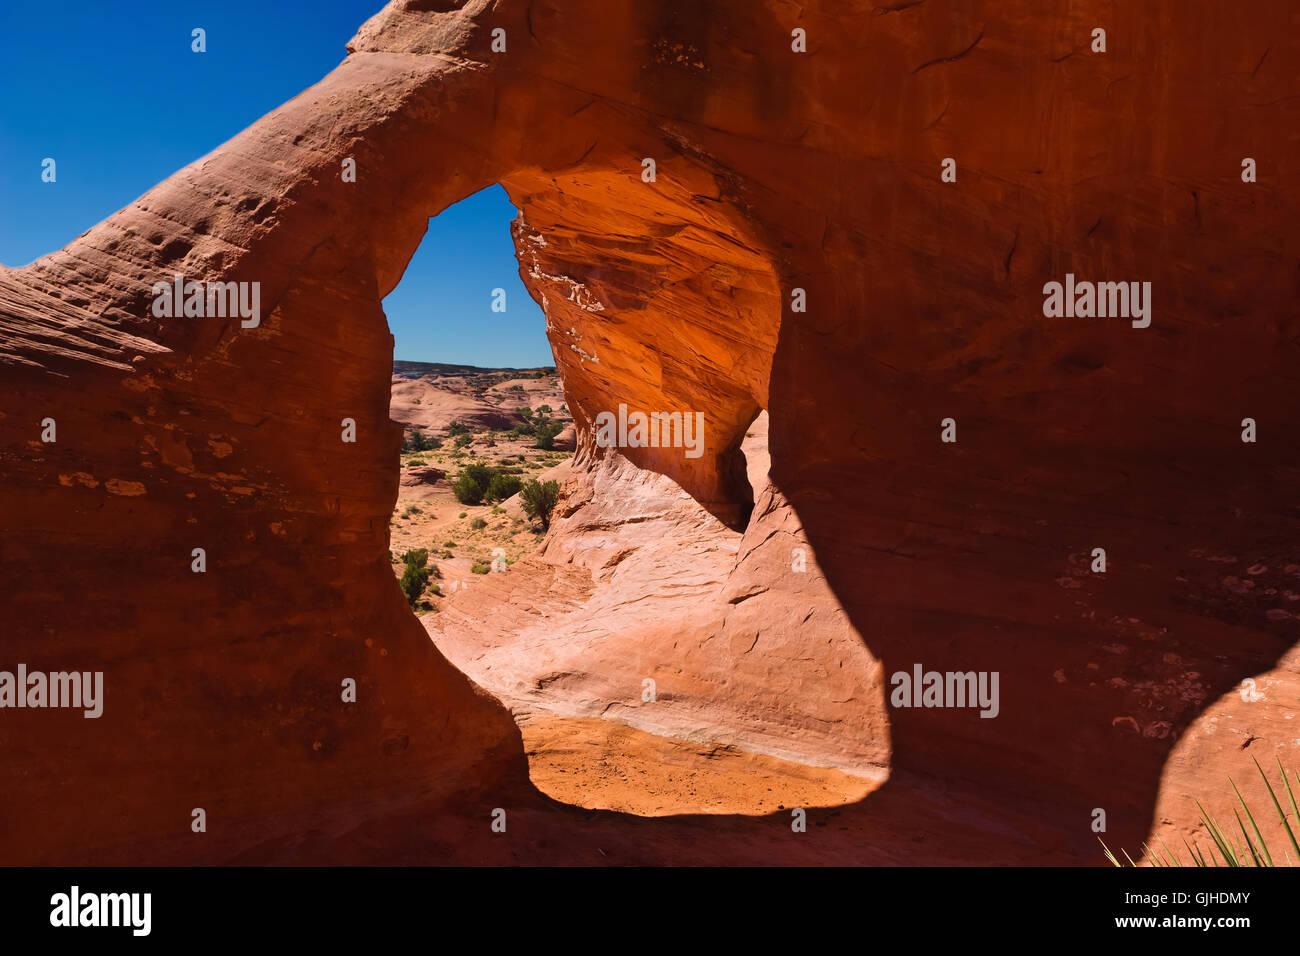 Casa cuadrada arch formación rocosa, Mystery Valley, Arizona, Estados Unidos, EE.UU. Imagen De Stock